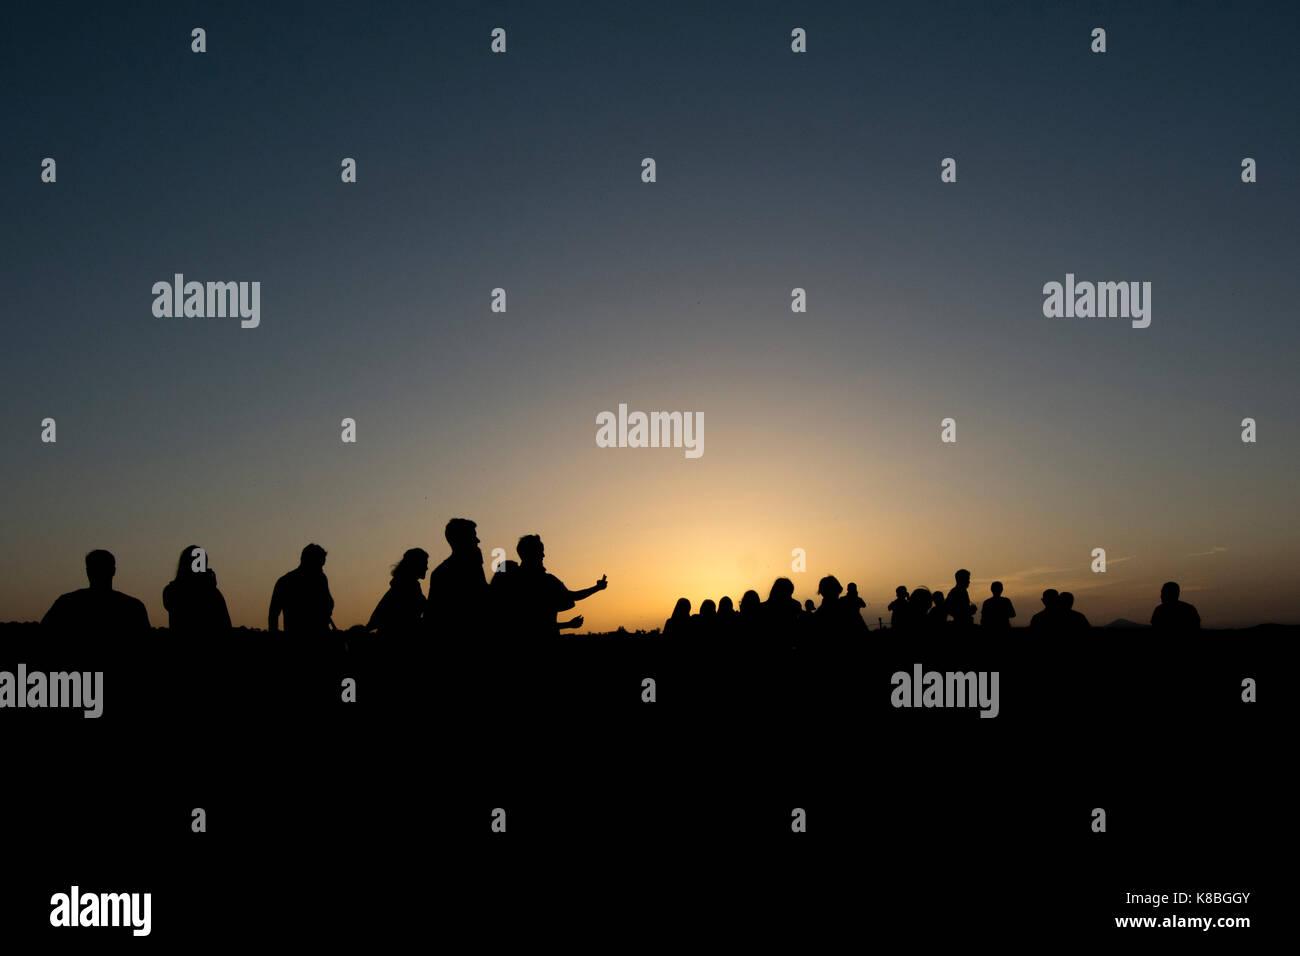 Los seres humanos siluetas , goreme ,turquía Imagen De Stock